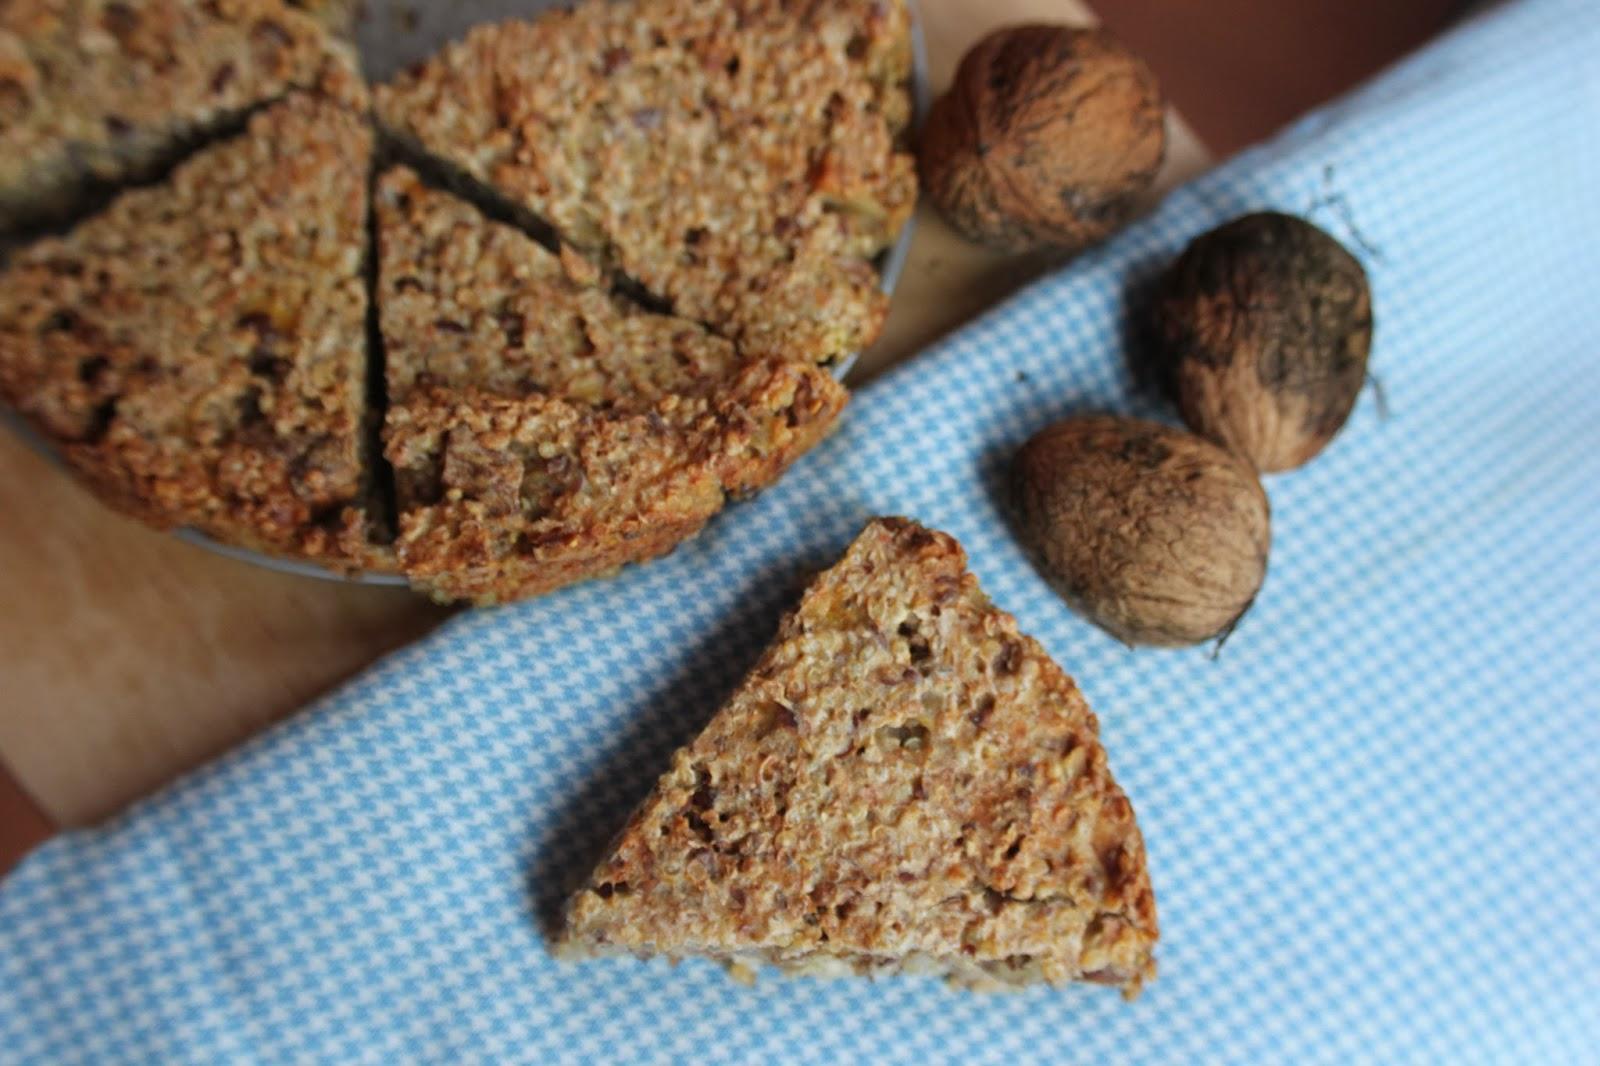 Quinoa Walnoot Banaan Brood